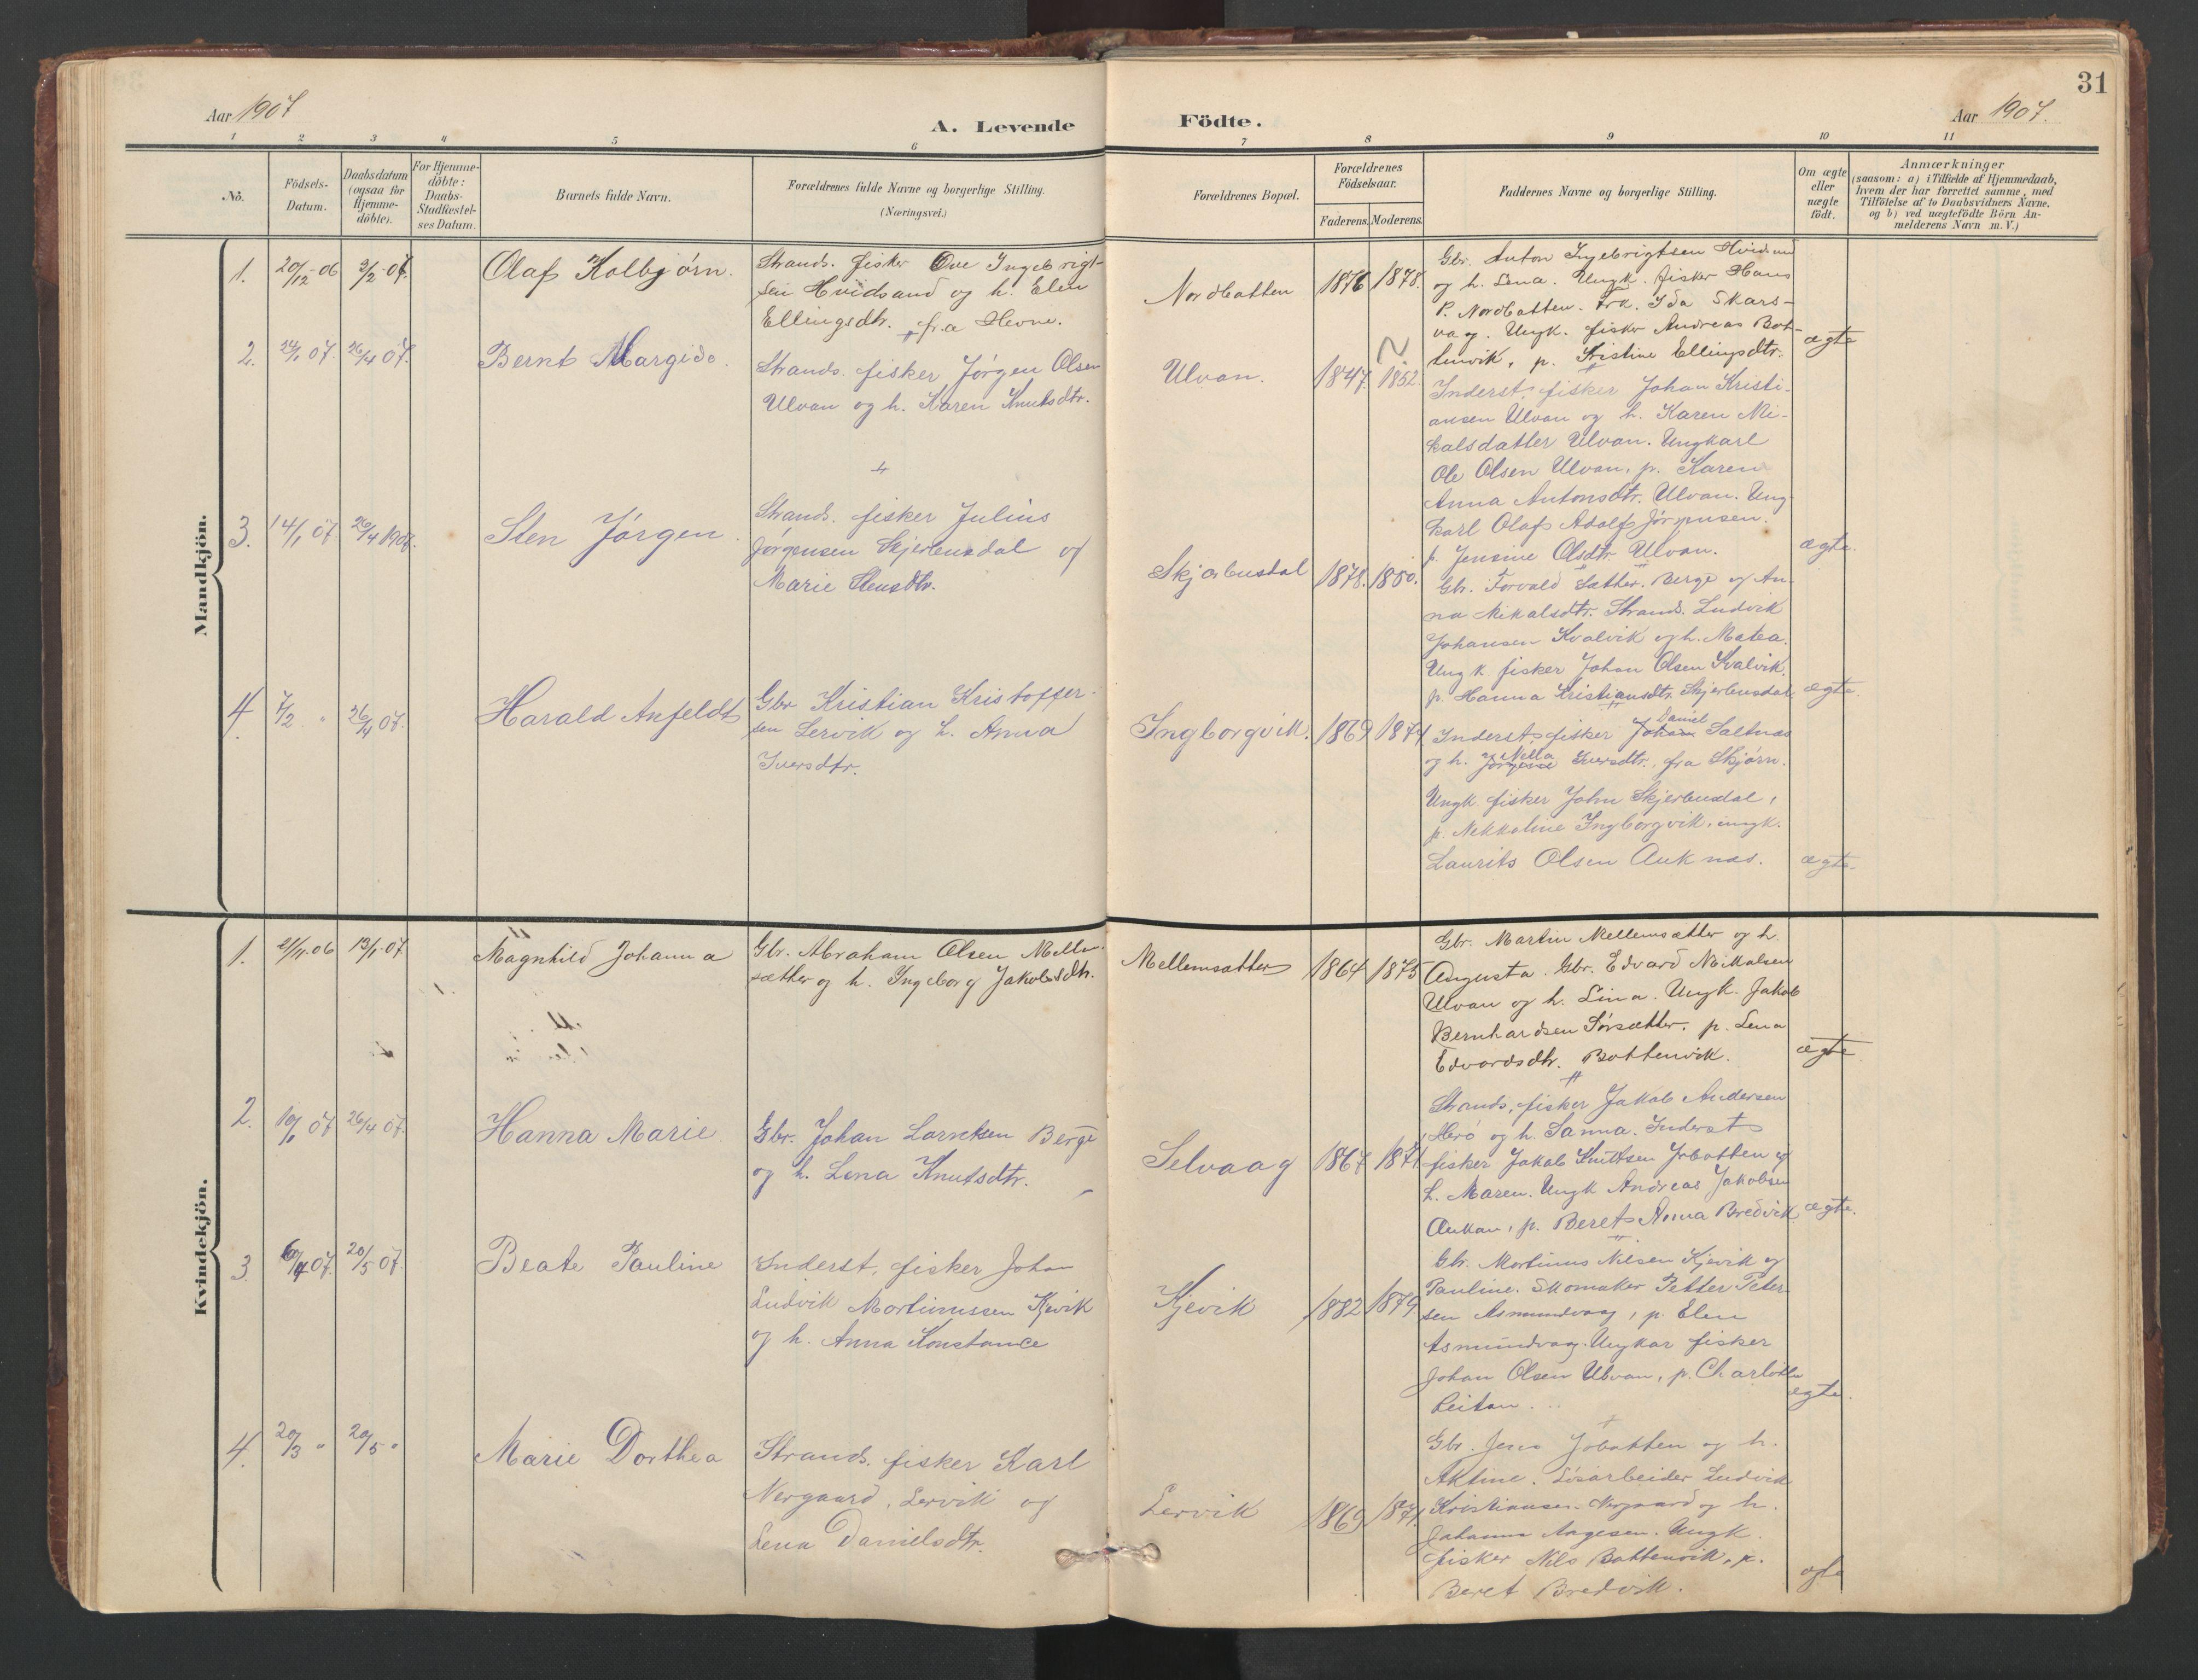 SAT, Ministerialprotokoller, klokkerbøker og fødselsregistre - Sør-Trøndelag, 638/L0571: Klokkerbok nr. 638C03, 1901-1930, s. 31